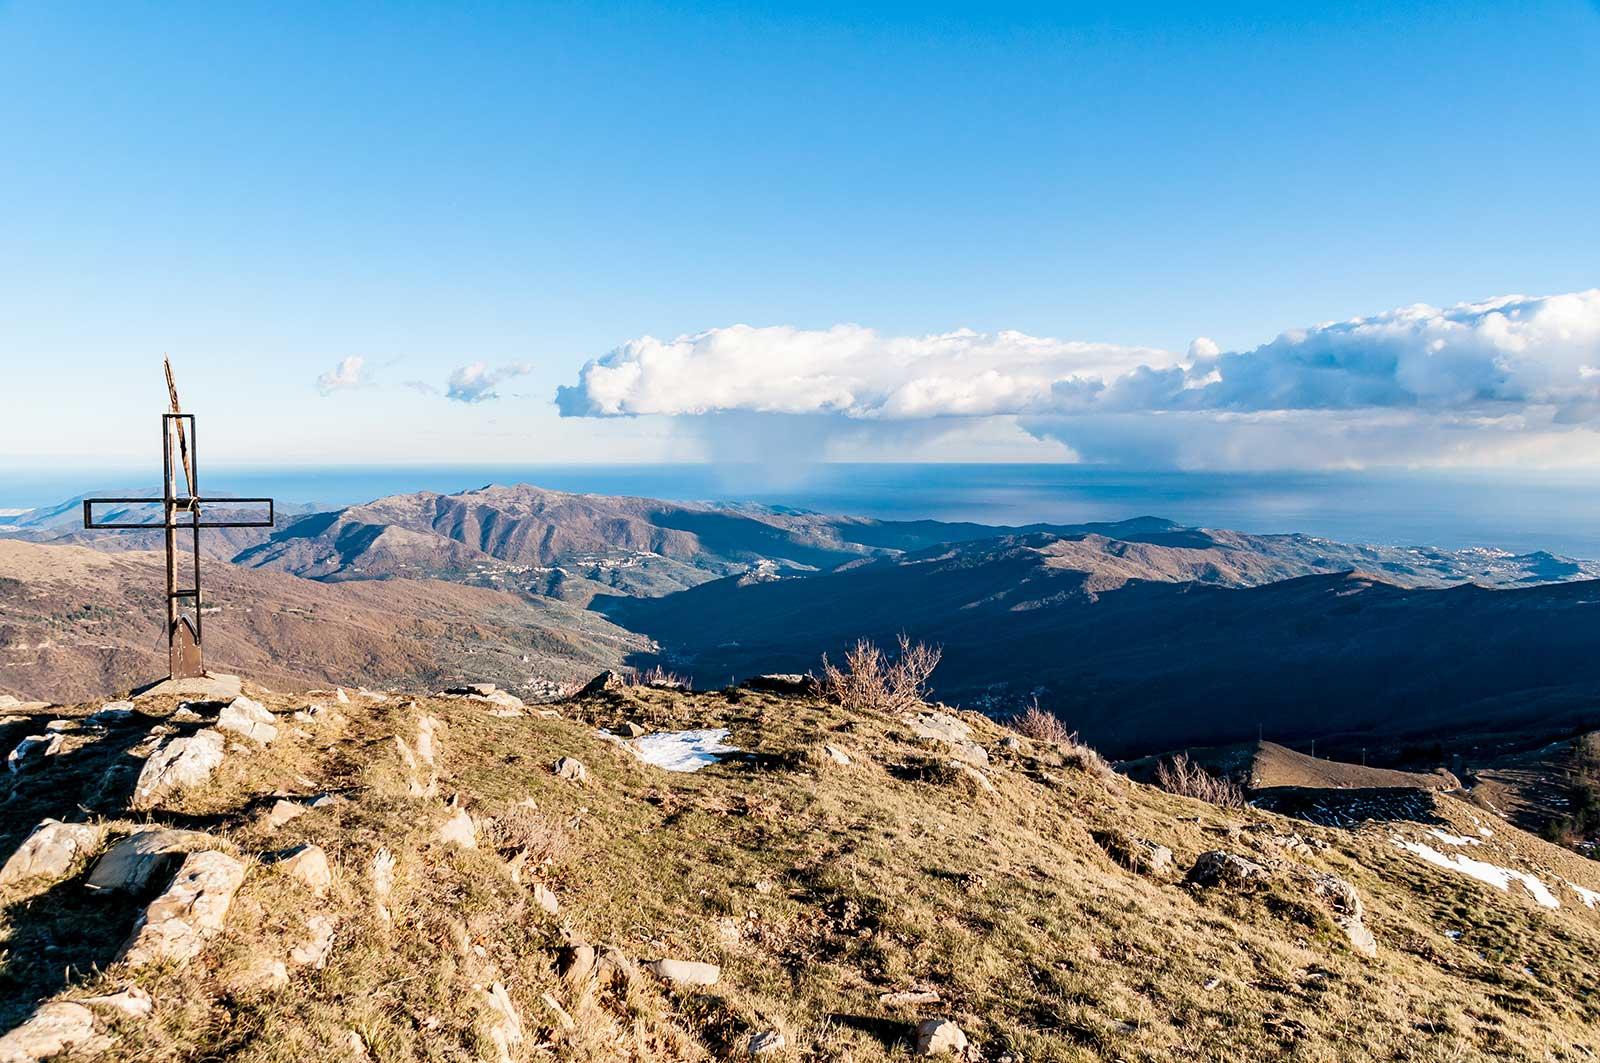 Blick über die Landschaft und das Mittelmeer in der italienischen Region Ligurien